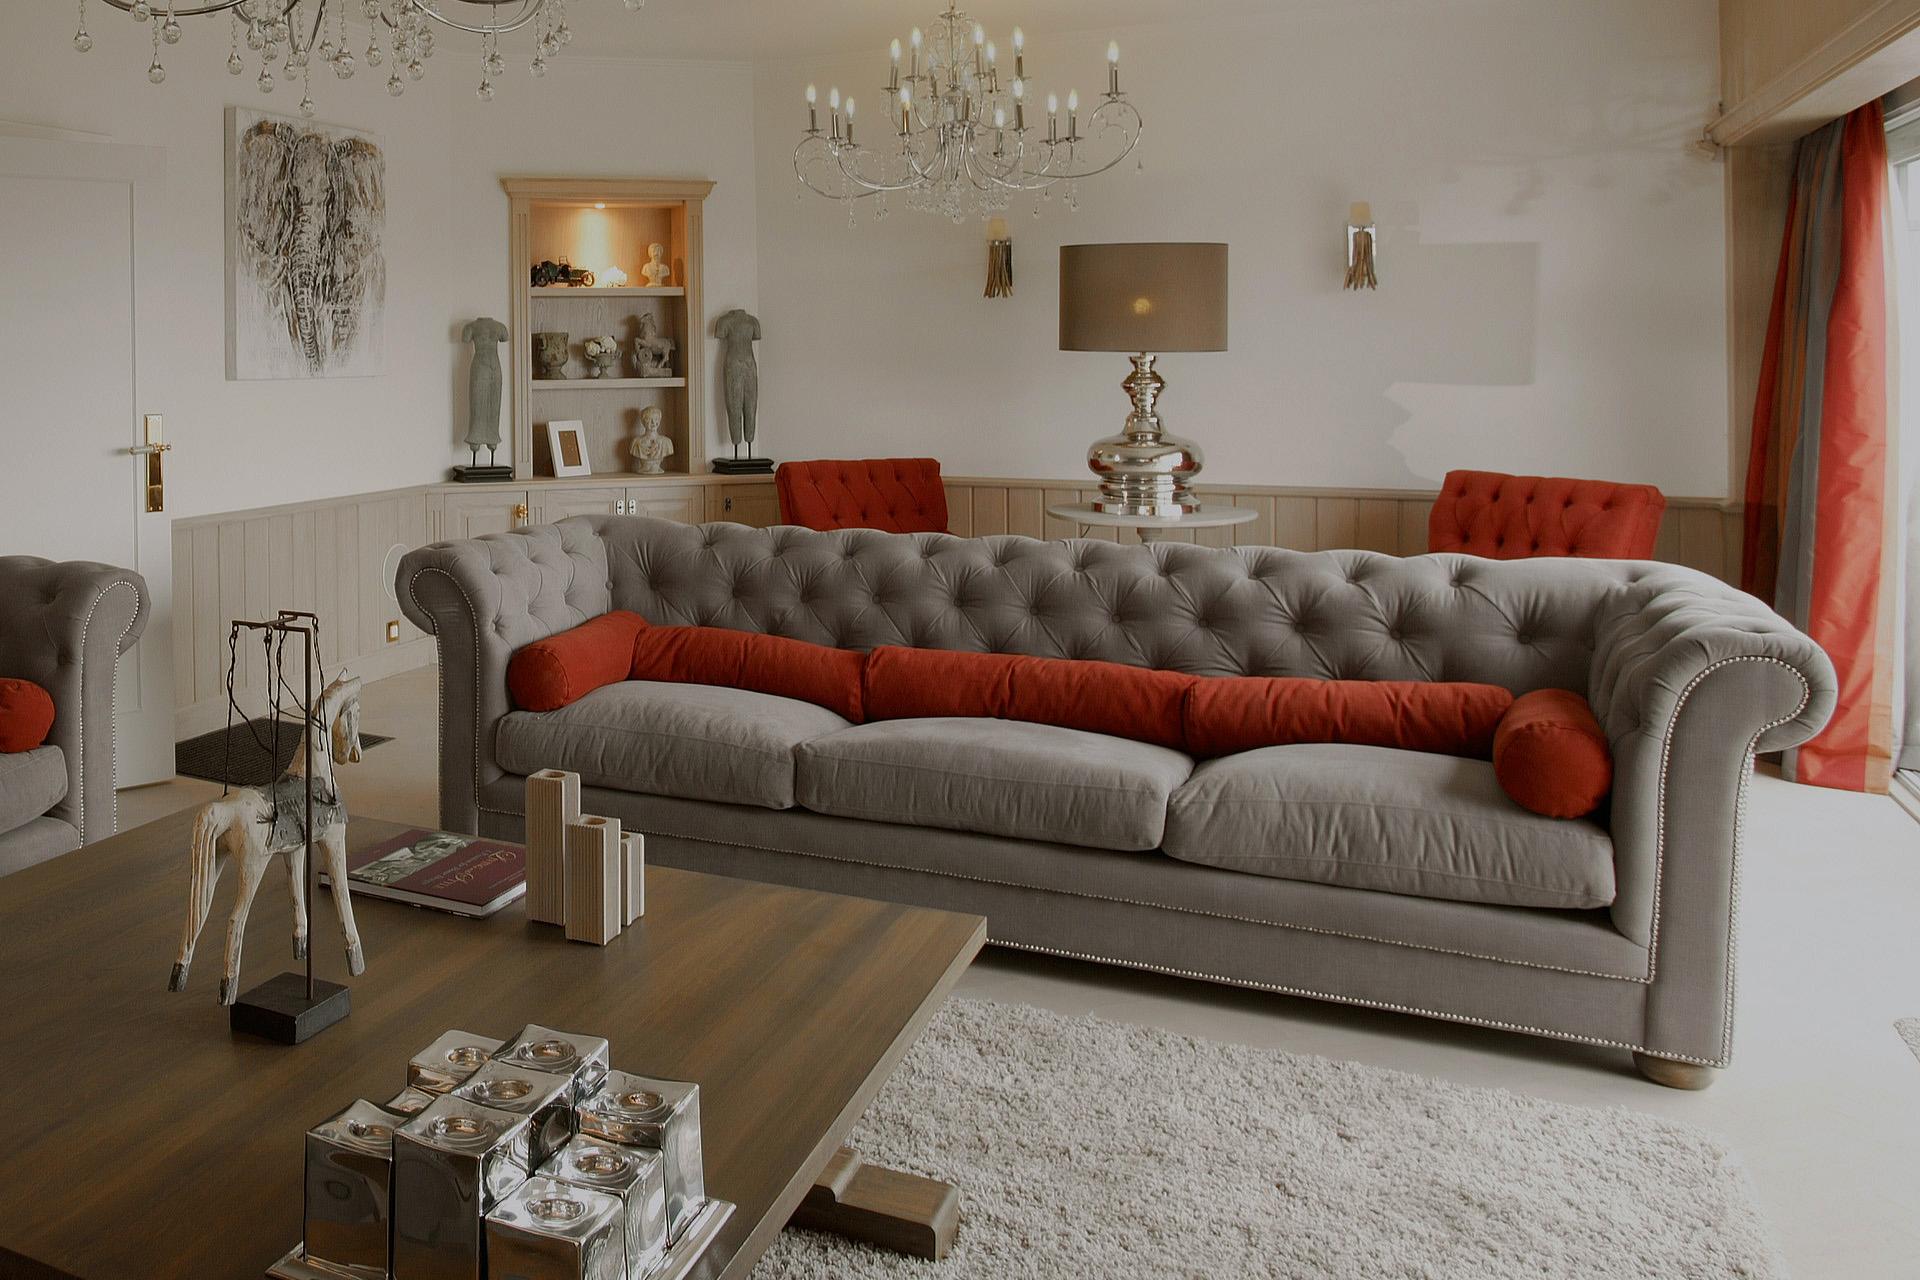 Decoratie - Marcotte Style